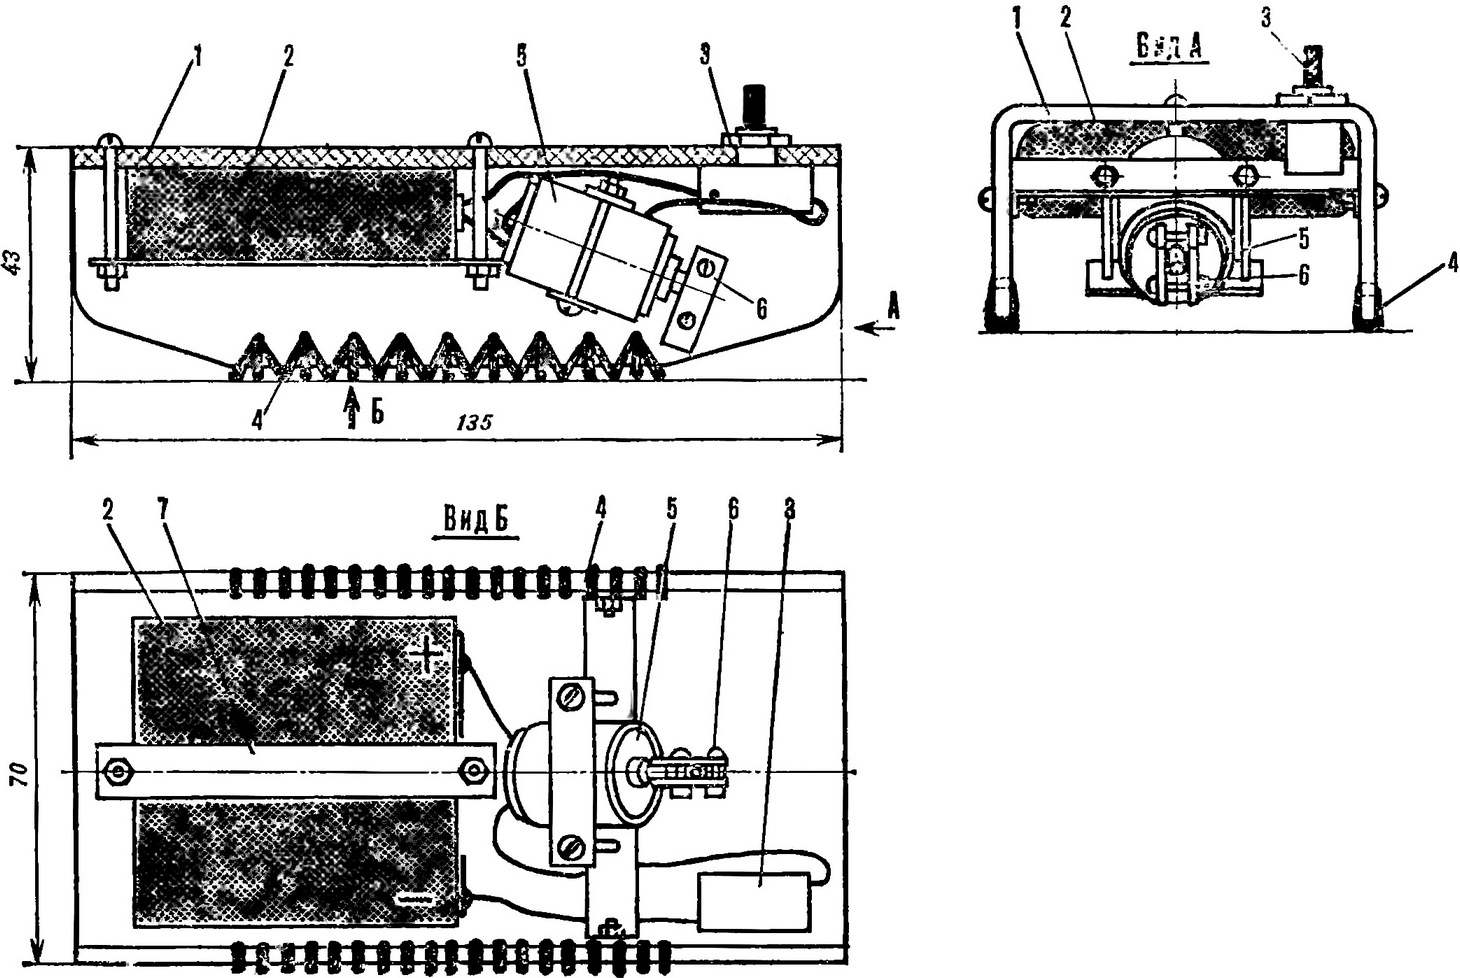 Рис. 1. Схема внутрихода